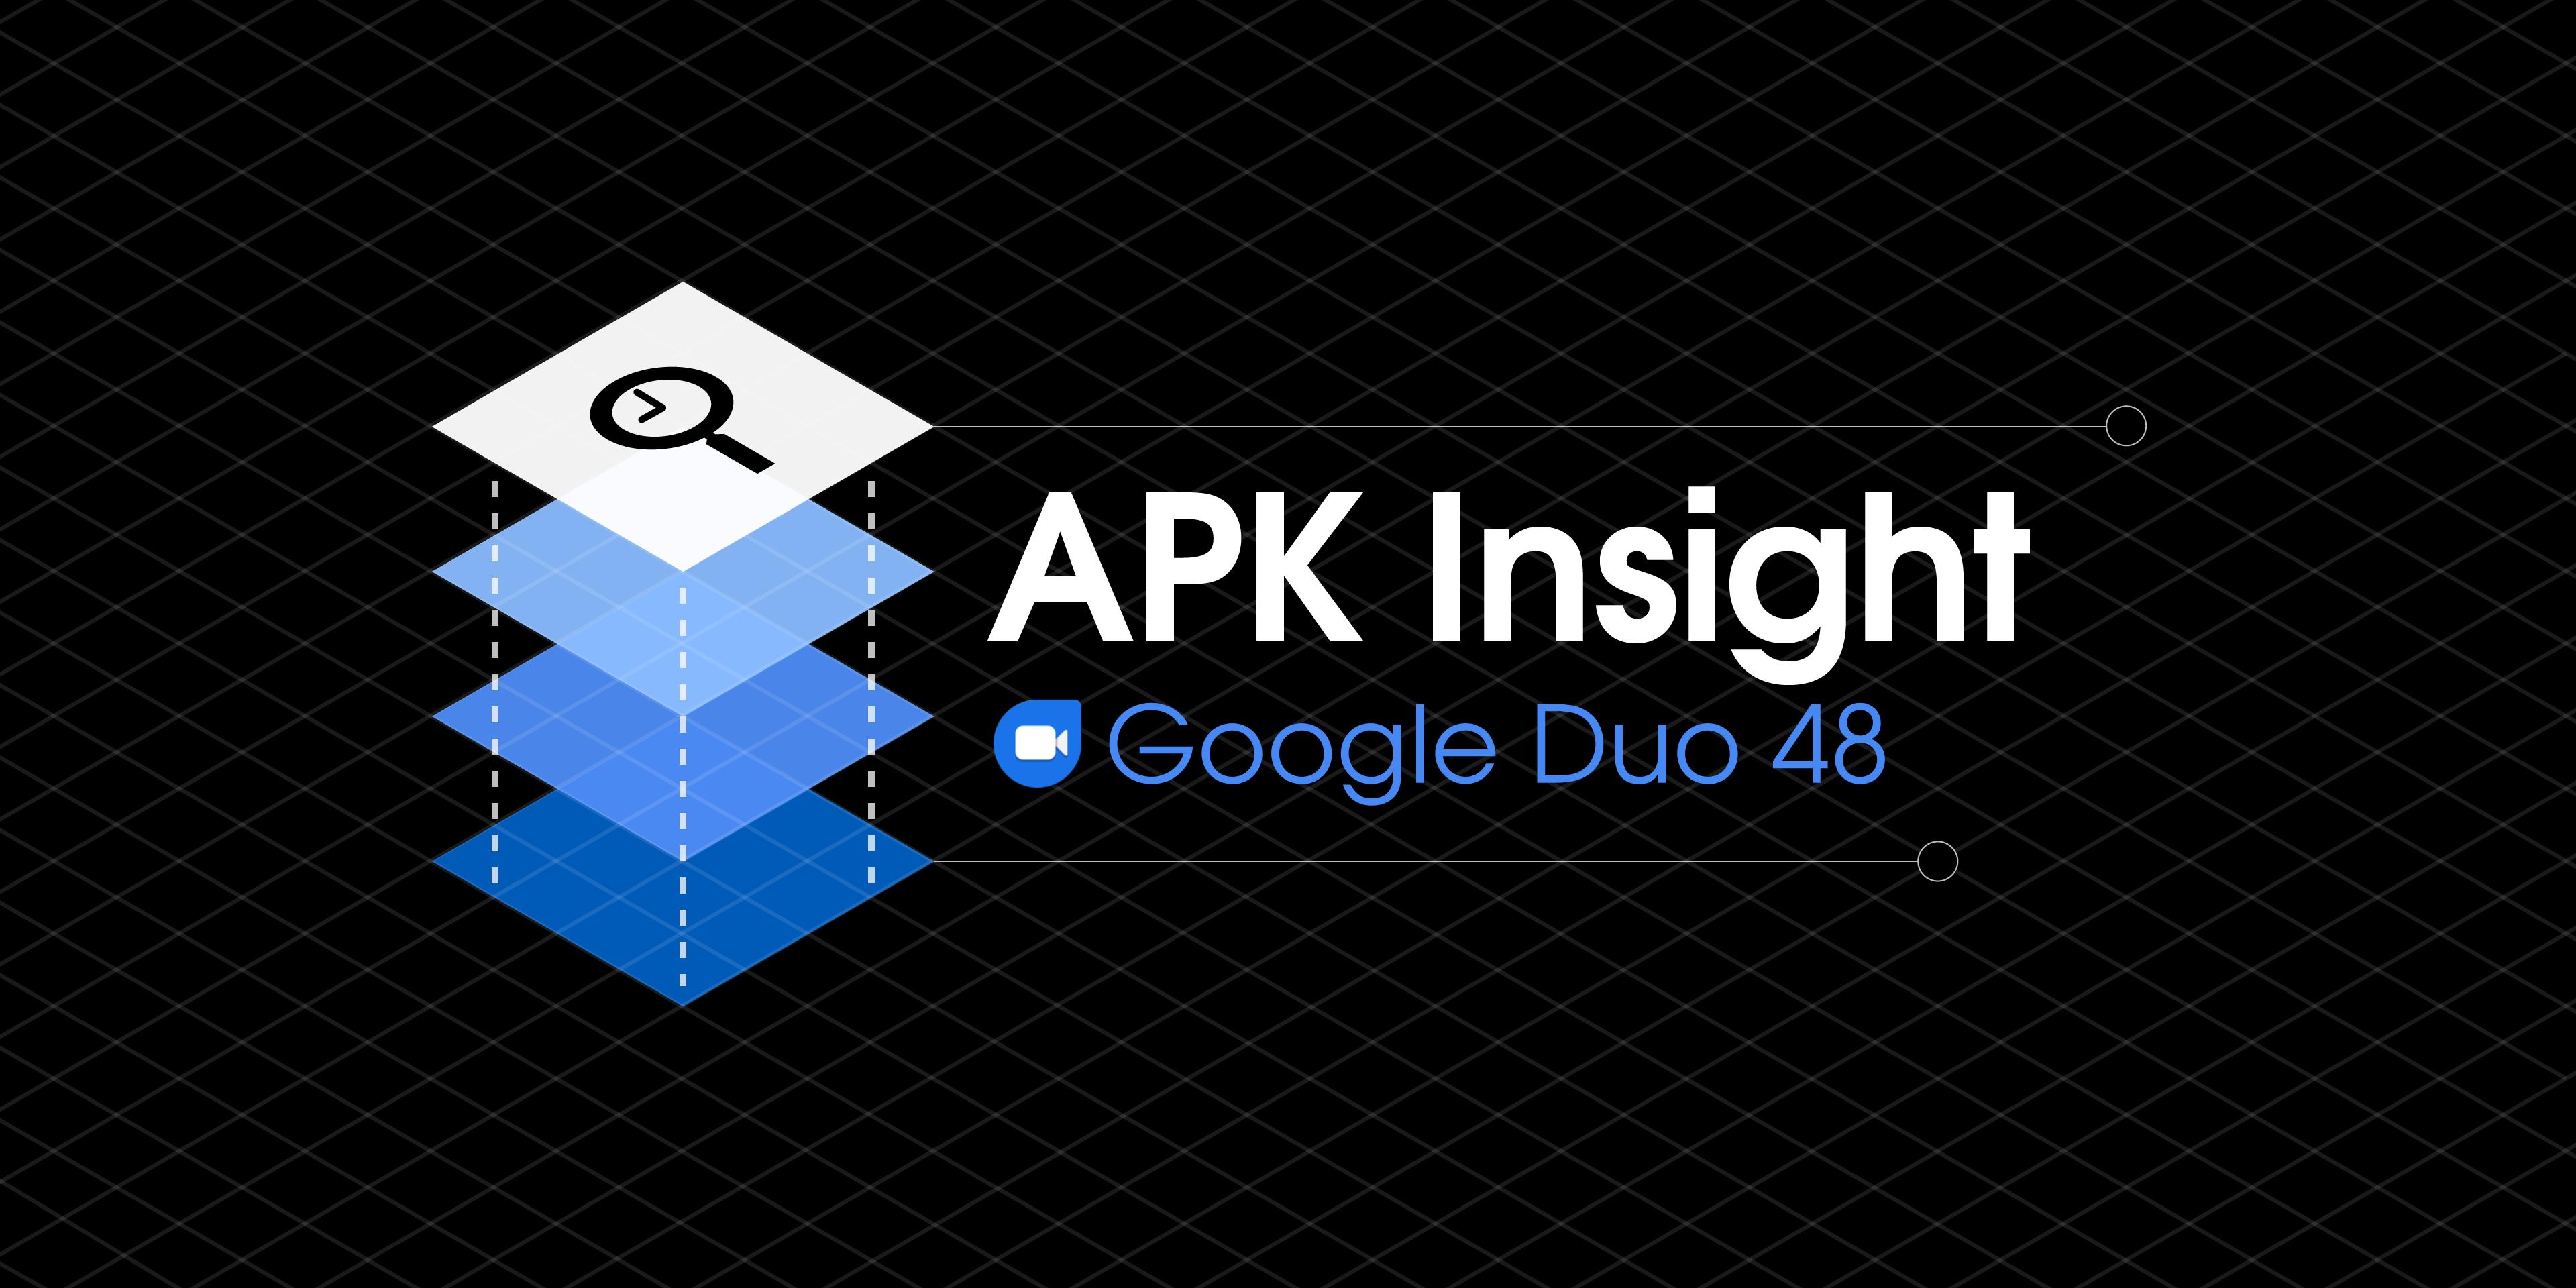 """Google Duo 48 bereitet """"precall"""" -Kontaktschnittstelle vor, """"Engagement Rewards by Google"""" [APK Insight]"""